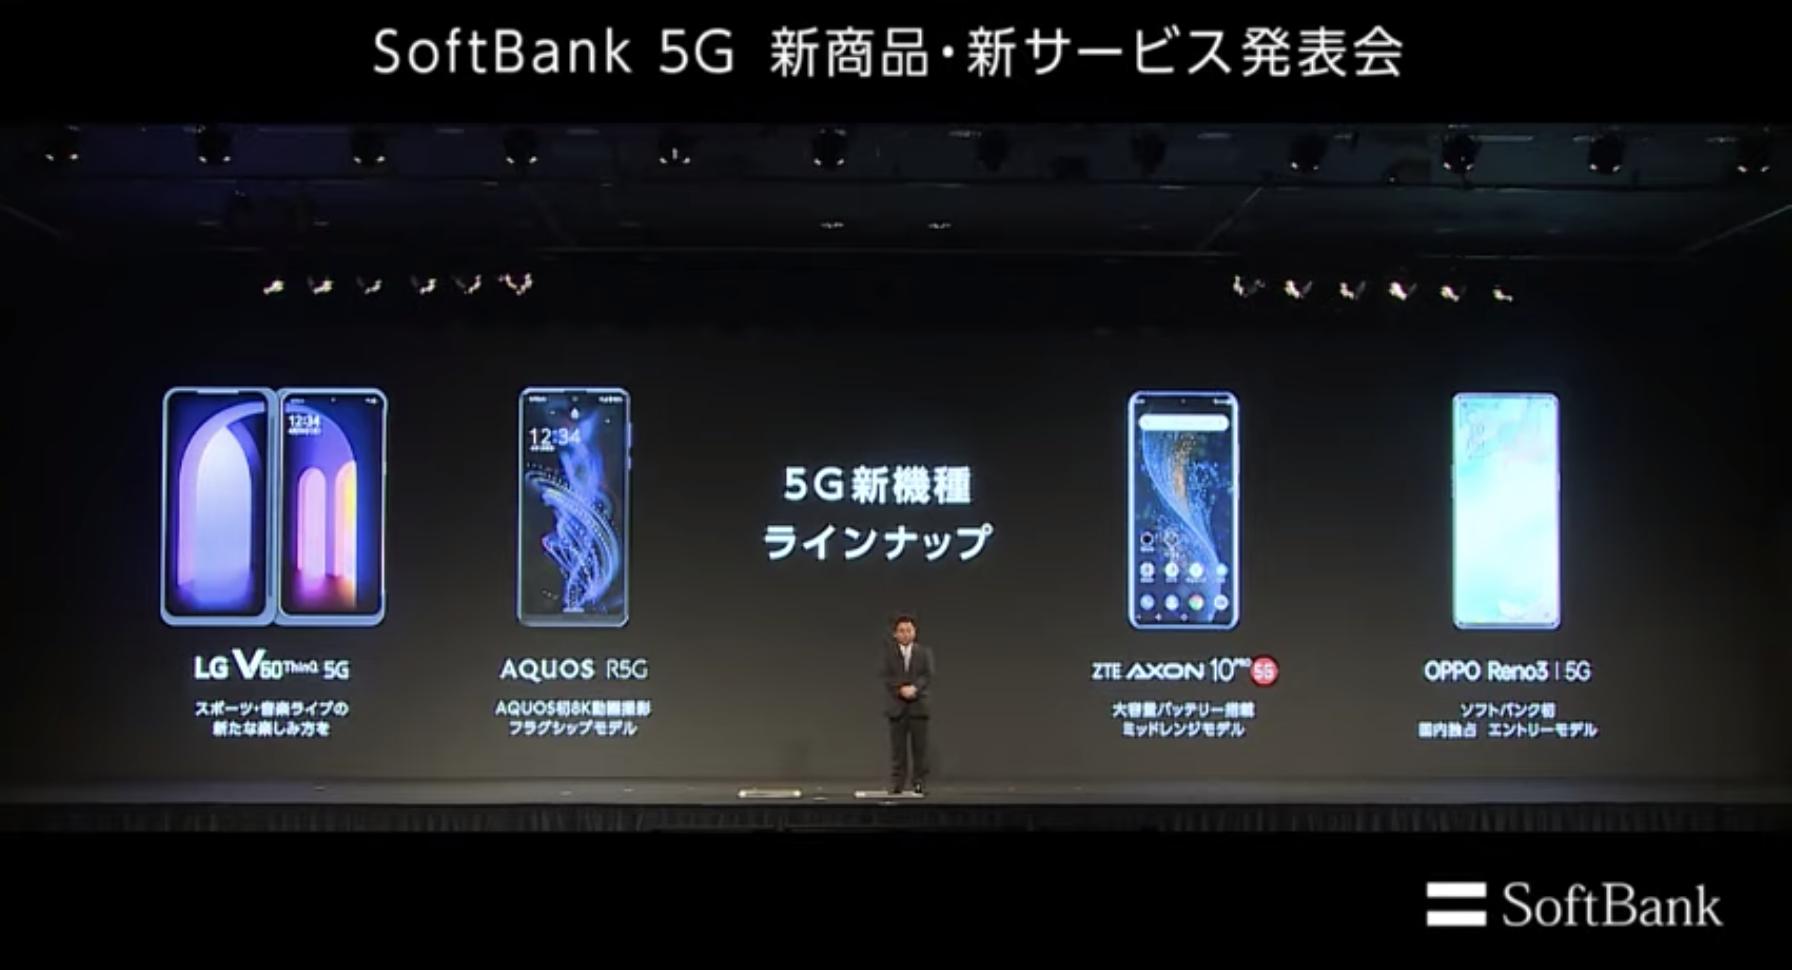 SoftBank 5G 新商品・新サービス発表会にて対応端末のラインナップ(2020年3月5日)